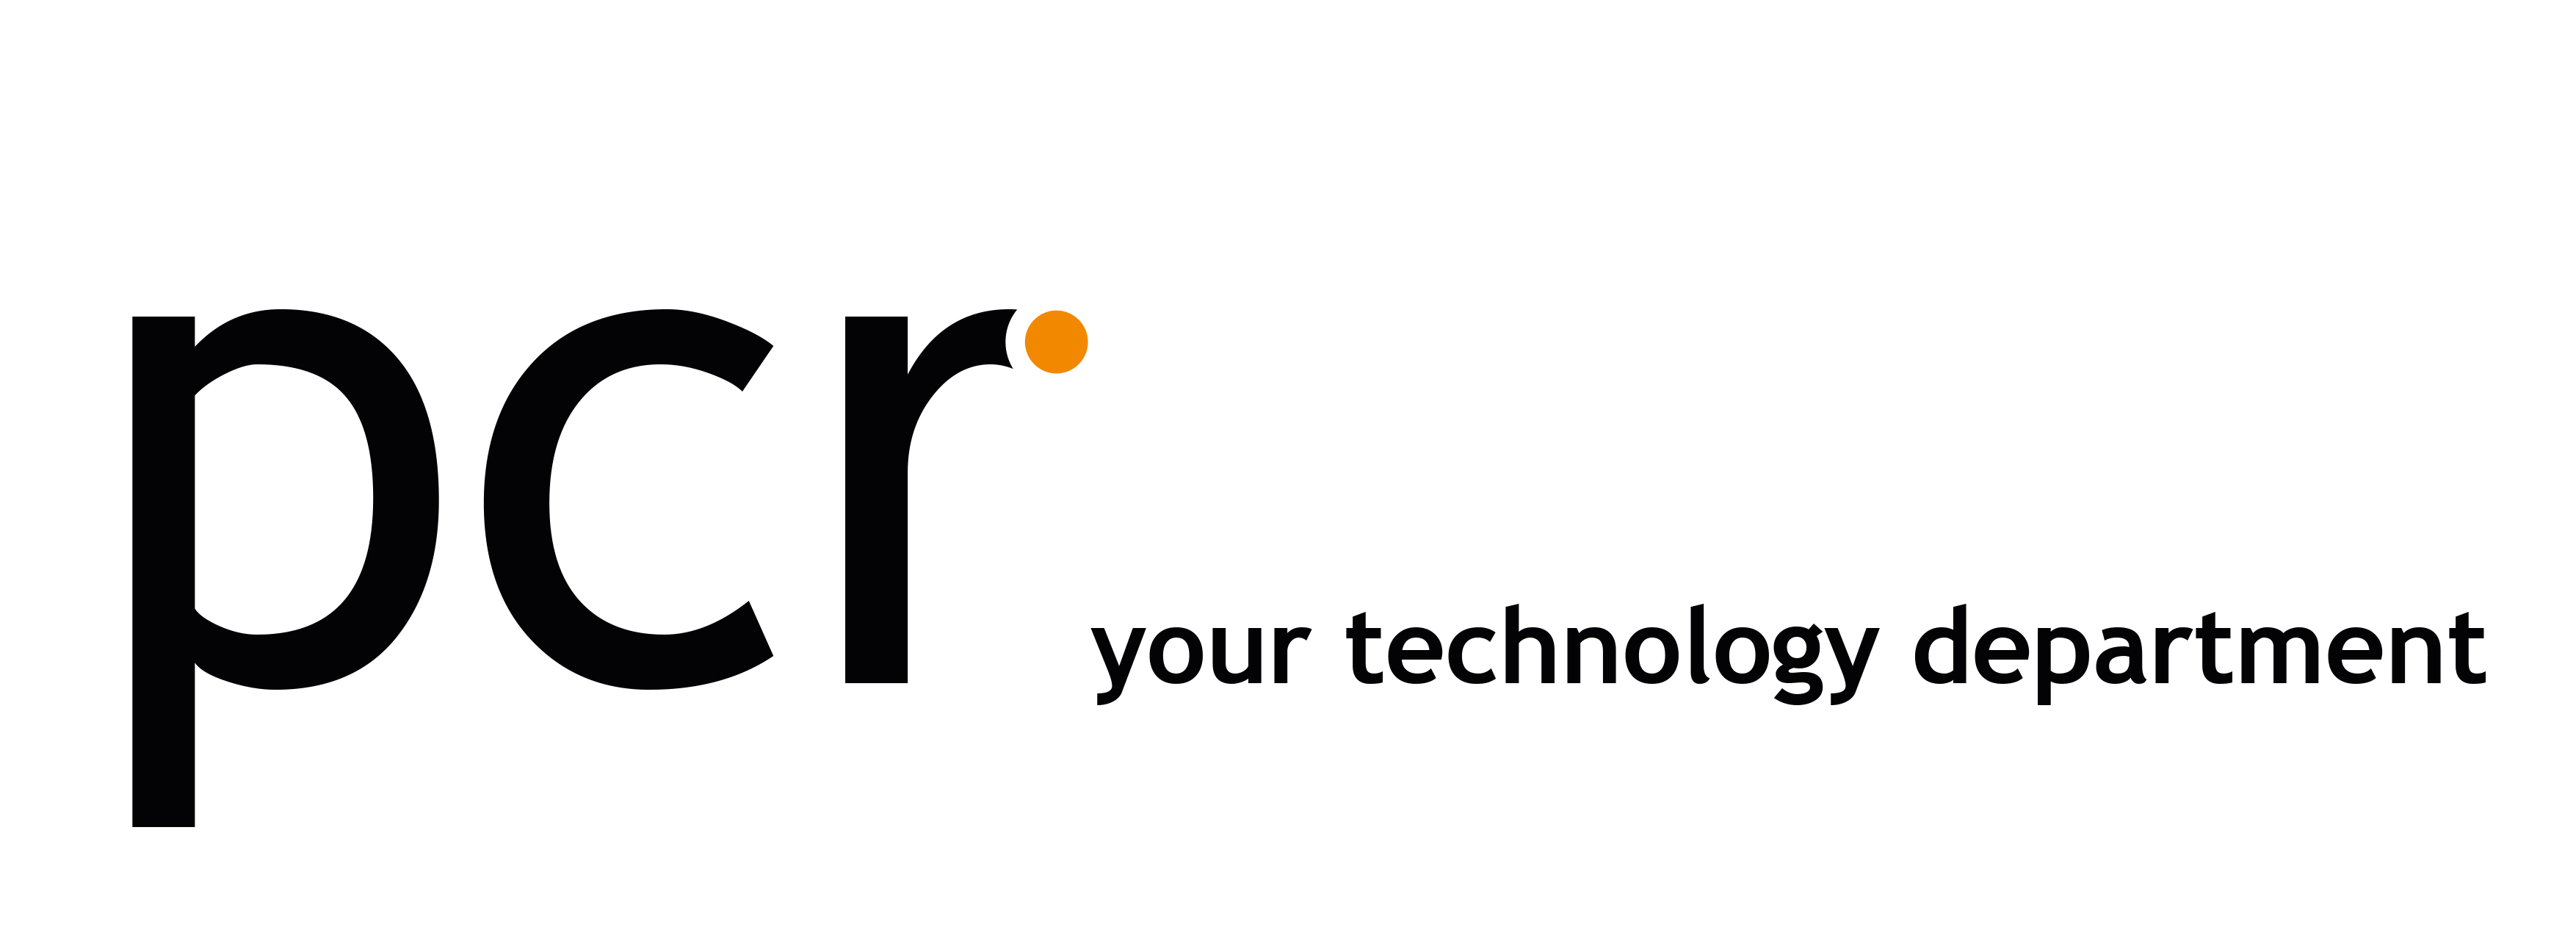 pcr_logo.jpg